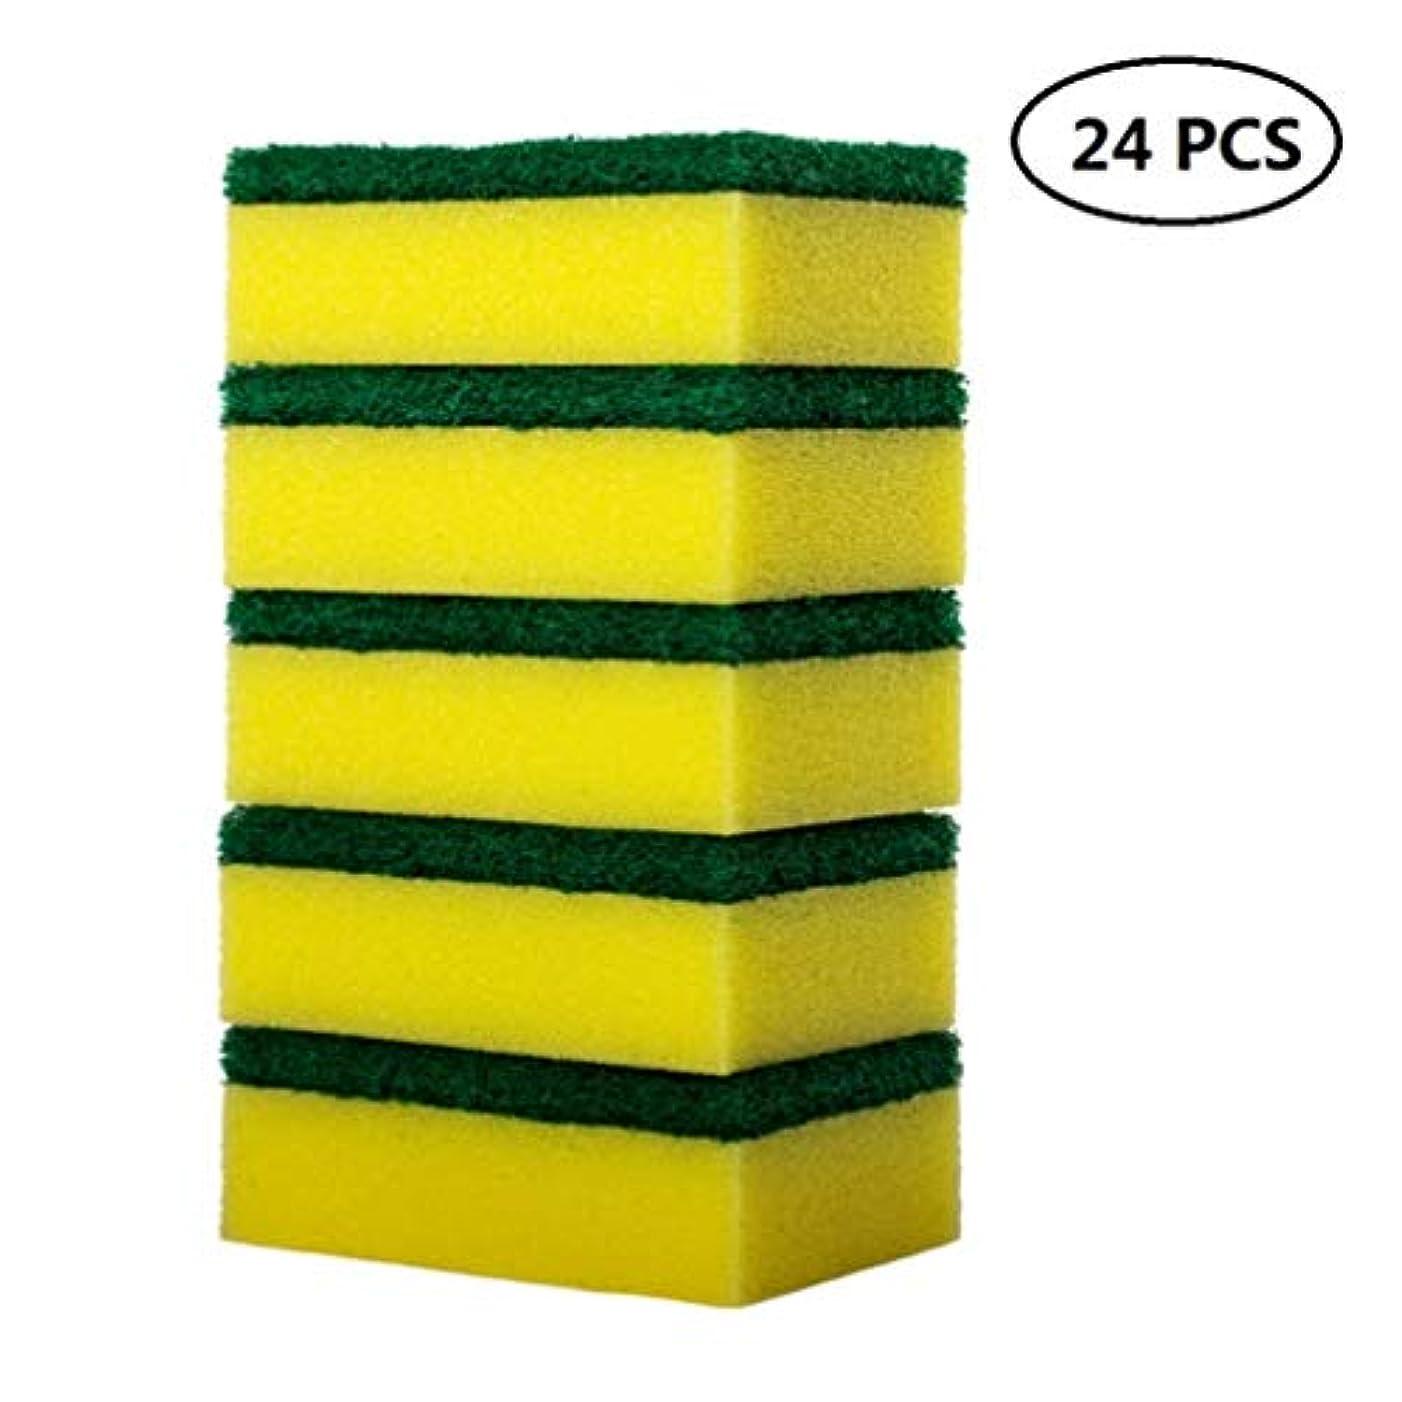 パトワ学校教育馬鹿げたBESTONZON 24ピーススポンジ精練パッド食器洗いスポンジキッチンクリーニングナノコットン洗浄ポットブラシ(黄色+緑)